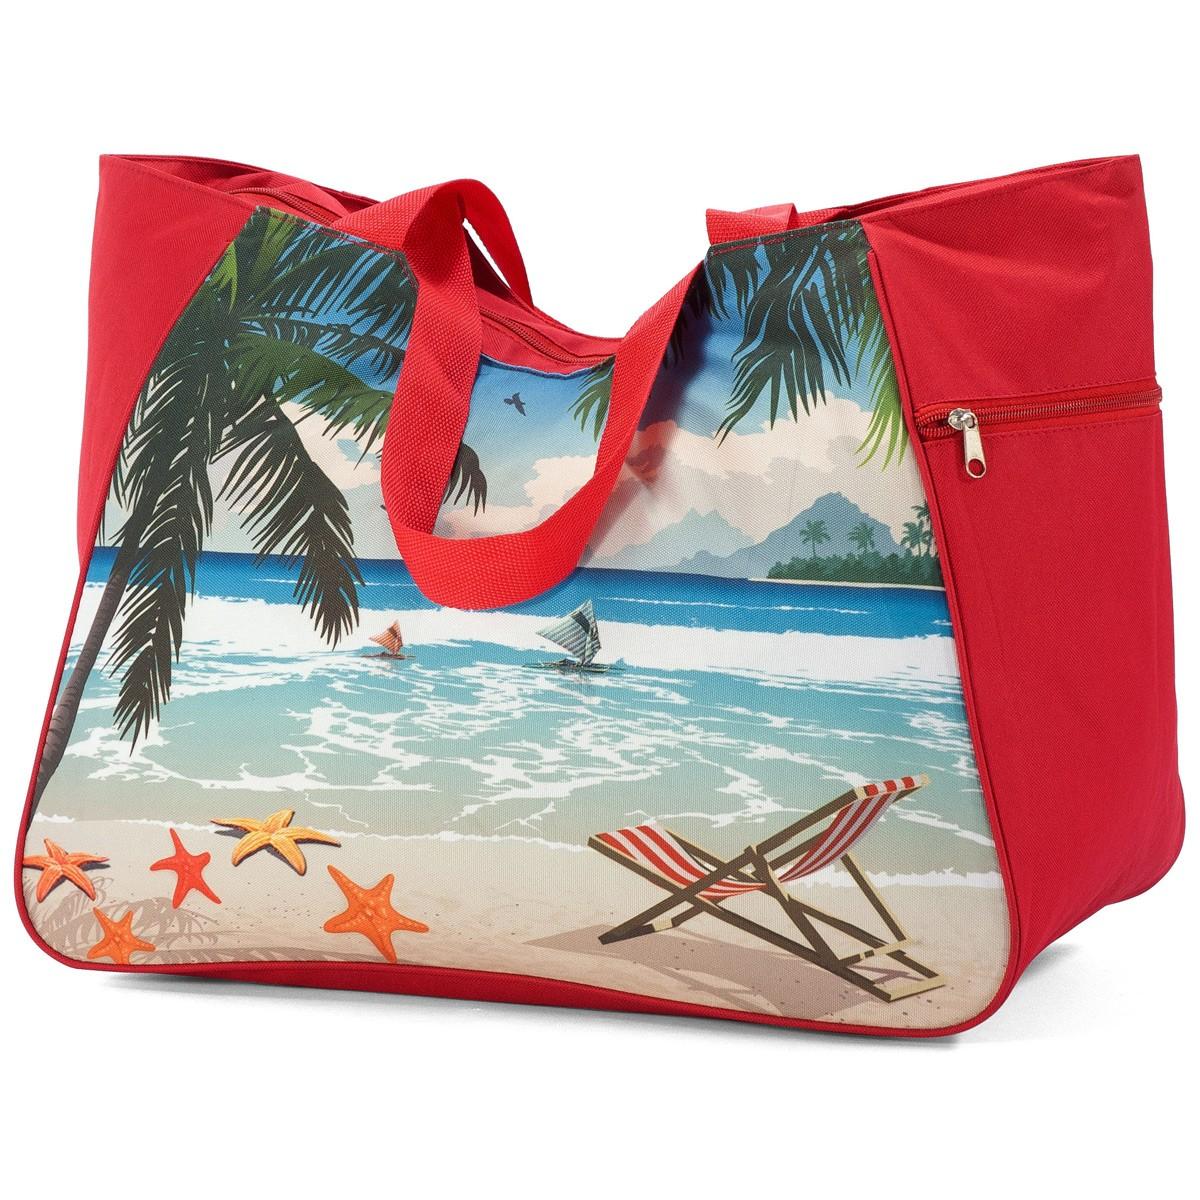 Τσάντα Παραλίας Benzi 5001 Red home   θαλάσσης   τσάντες παραλίας